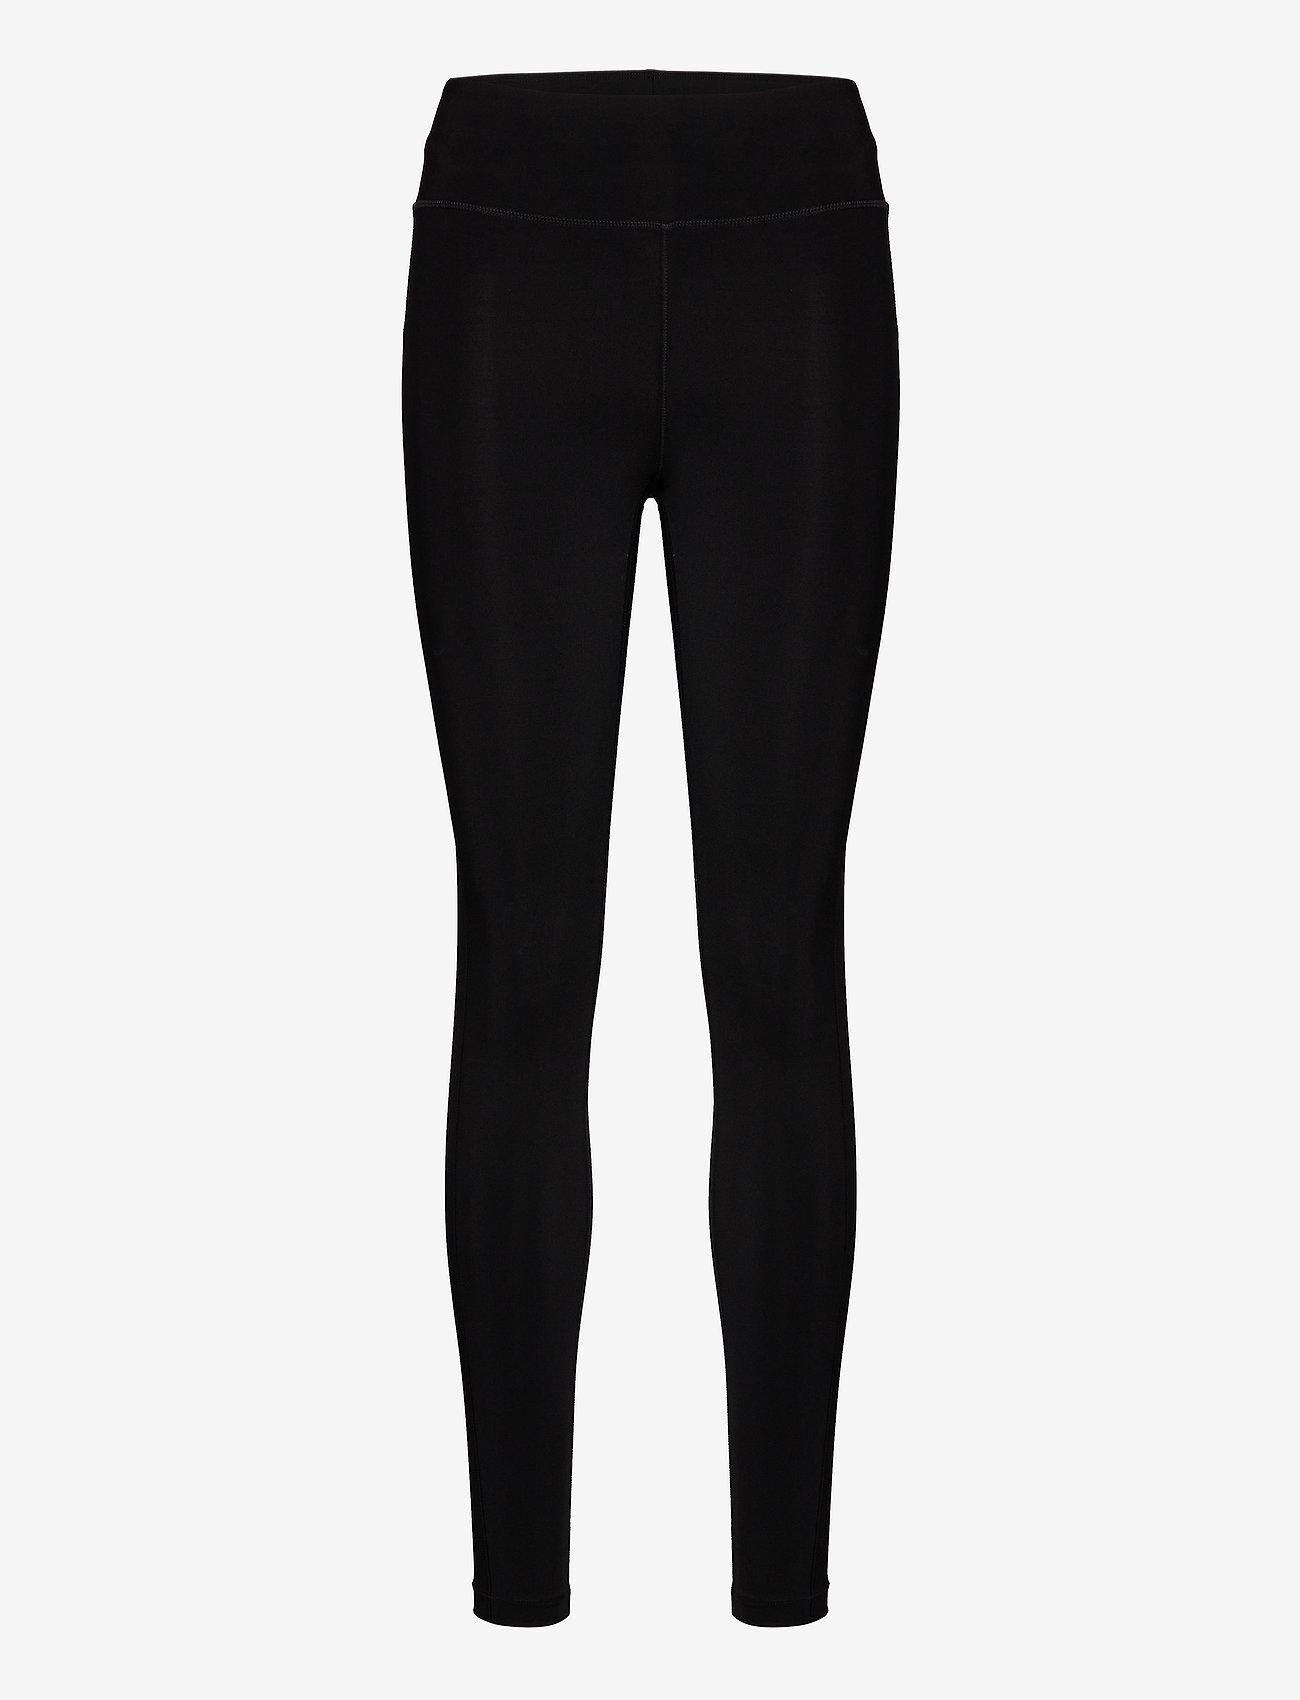 Casall - Essential 7/8 Tights - running & training tights - black - 0